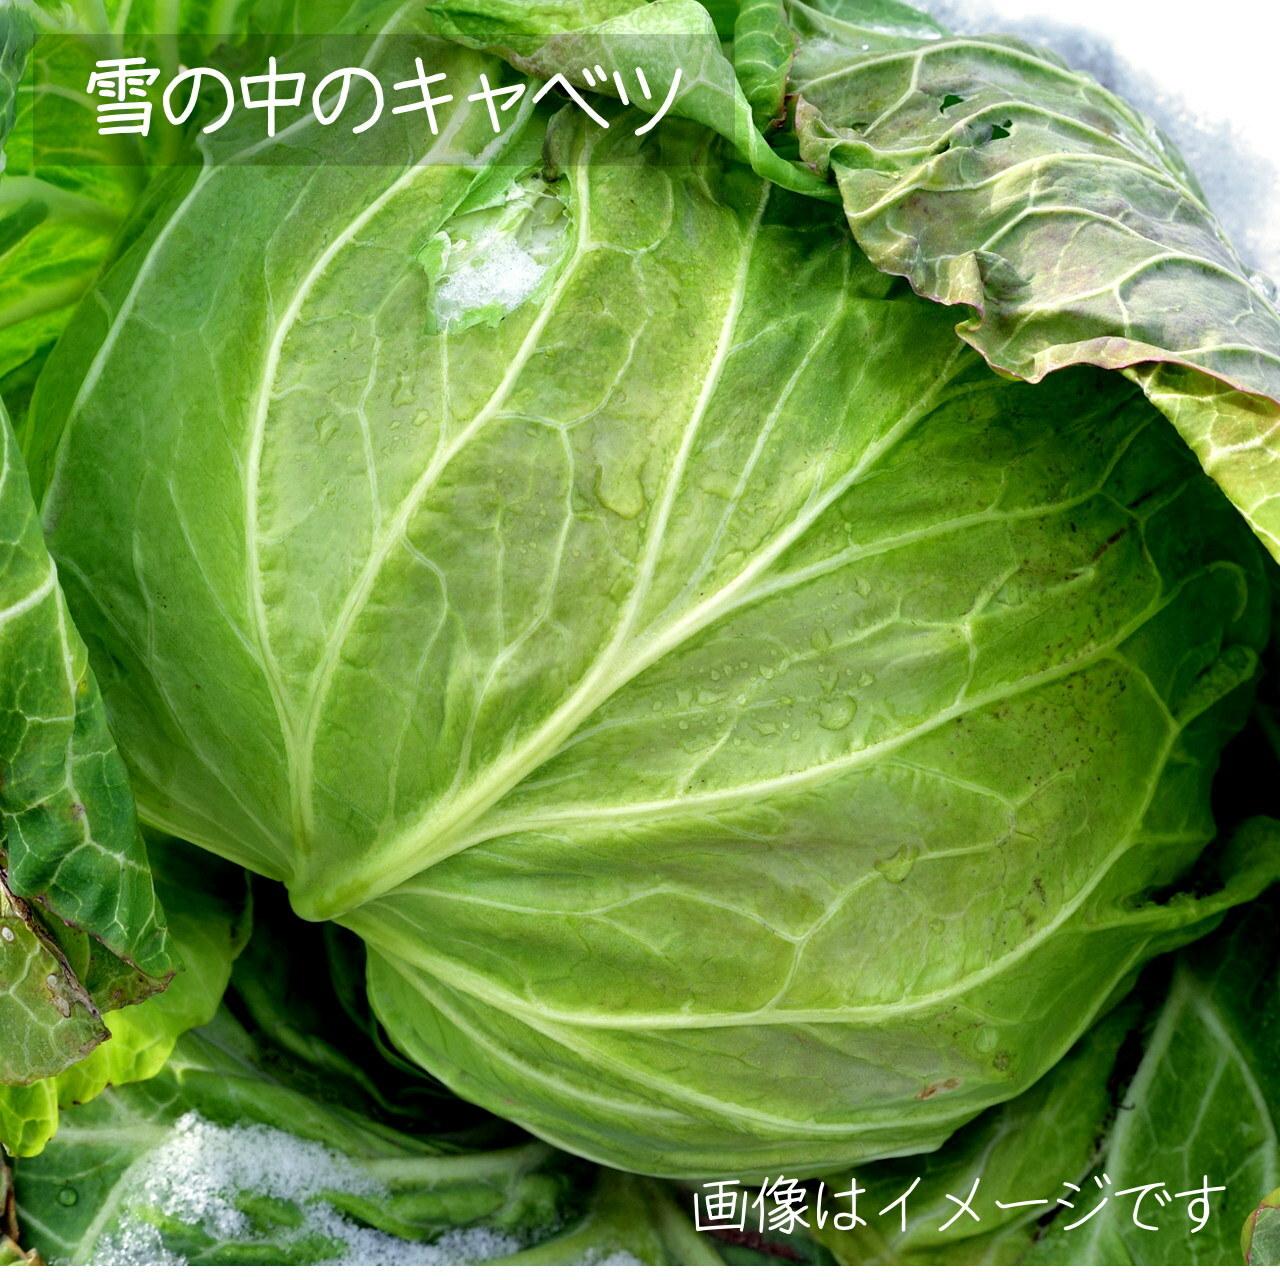 新鮮な秋野菜 : キャベツ 1個 11月の朝採り直売野菜 11月9日発送予定